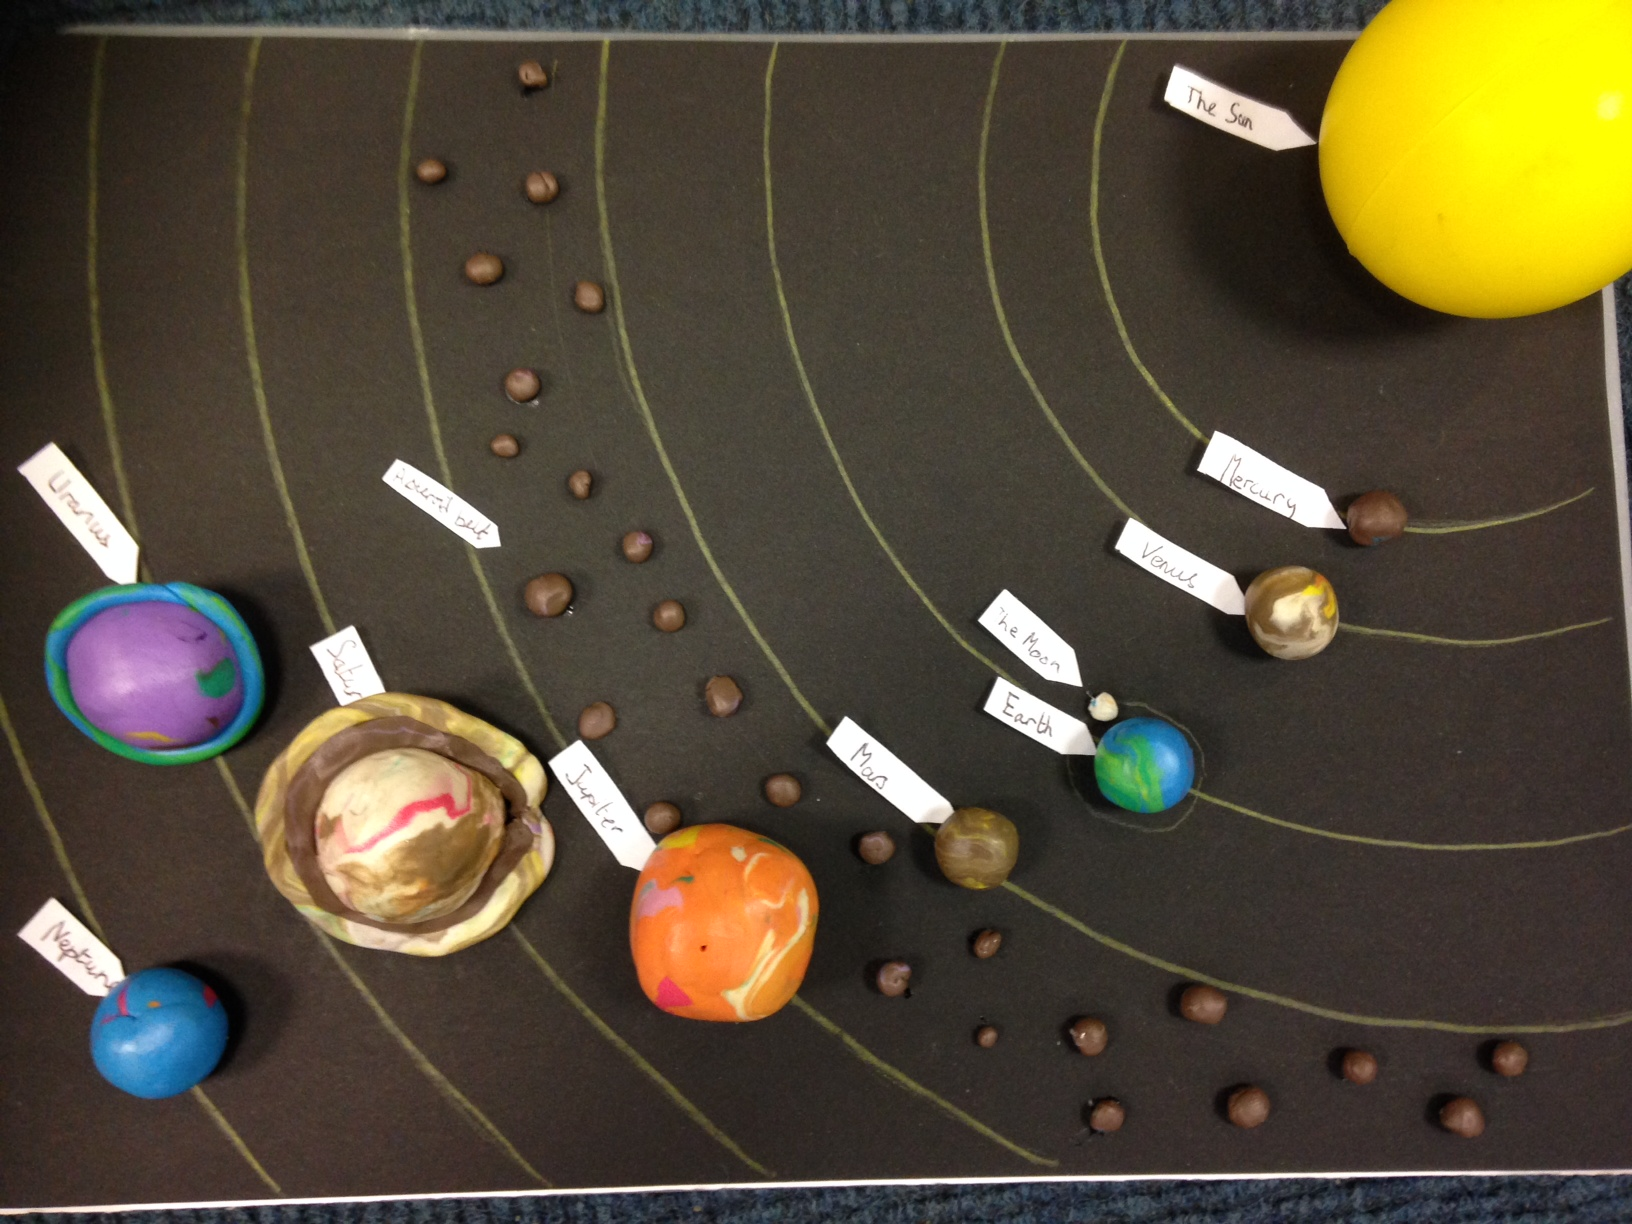 отголосок кочевнической макет солнечной системы фото нашей коллекции яблонь